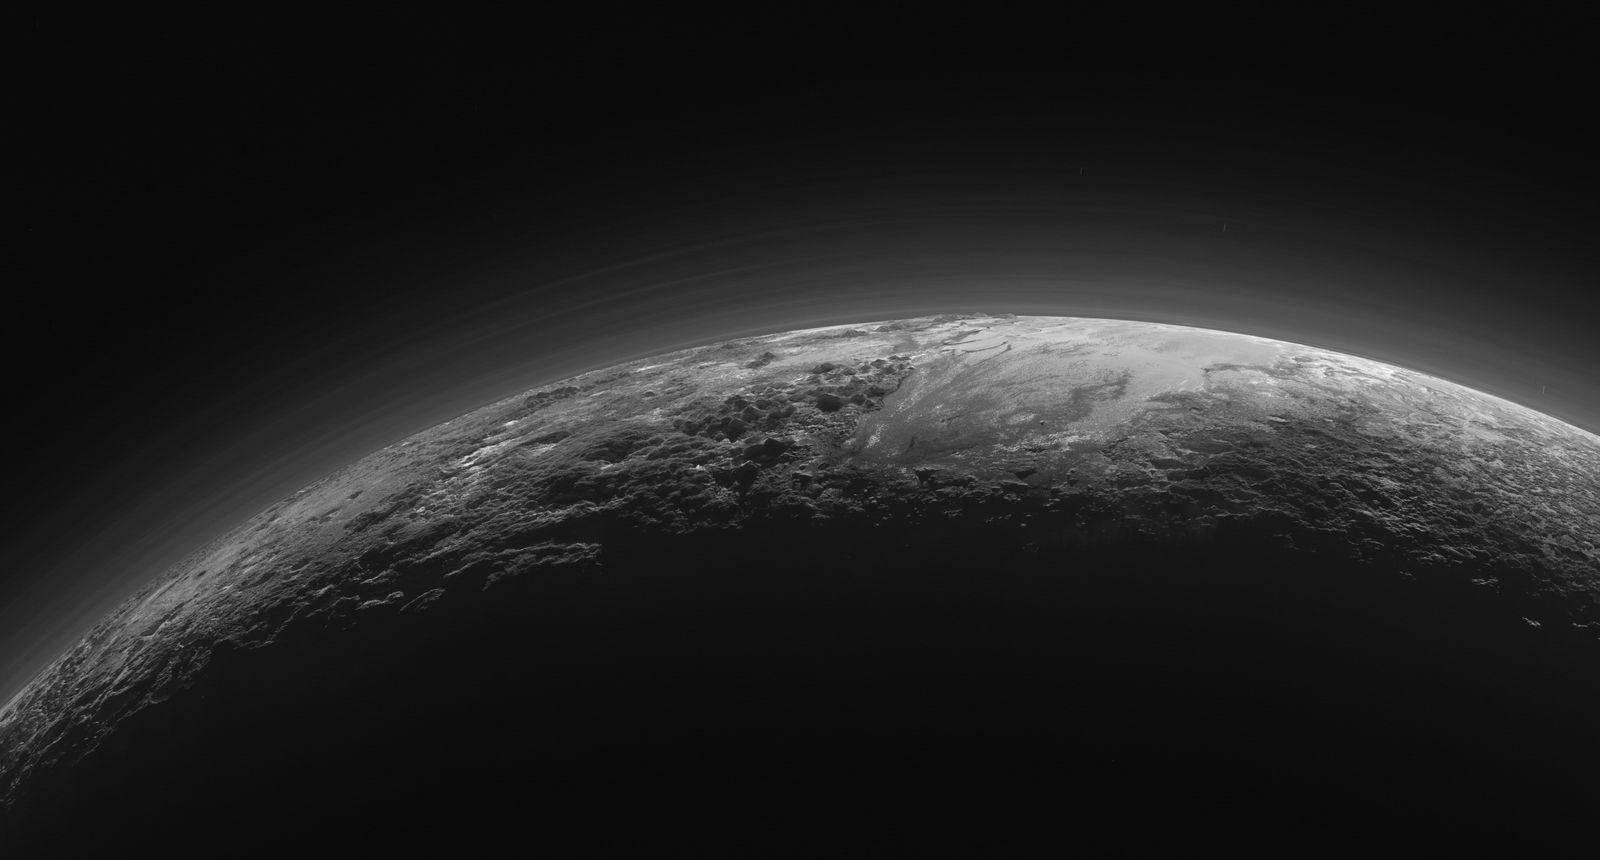 最远的生命?冥王星上发现了氨!这意味着生命也存在于冥王星上?